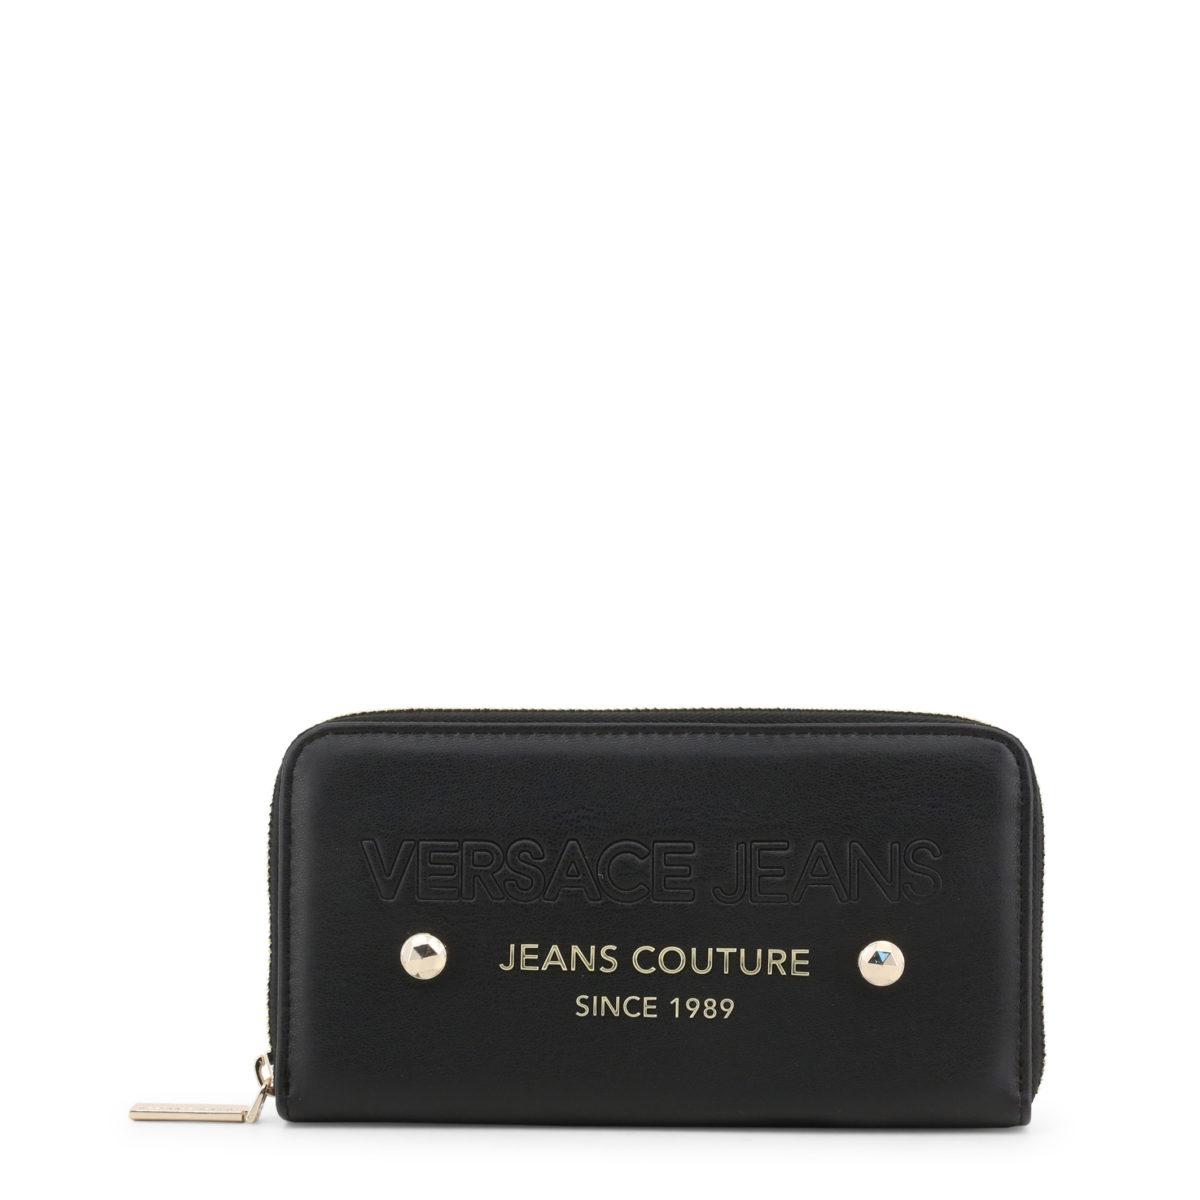 haut de gamme véritable usa pas cher vente chaussure Versace Jeans - portefeuille pour femme noir détail cristaux or